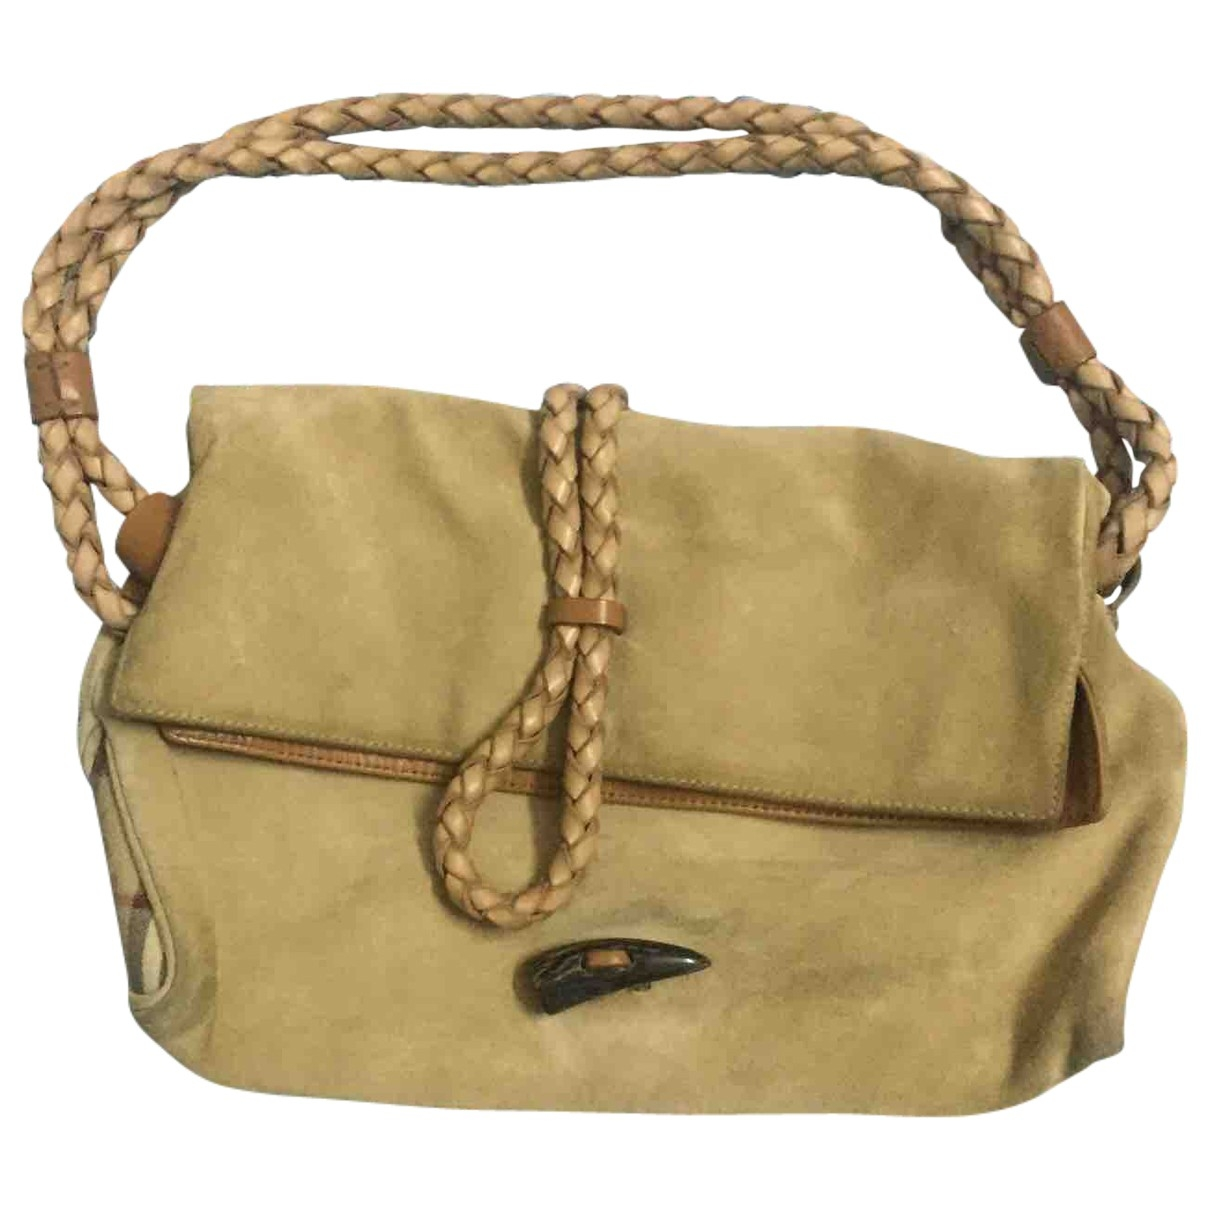 Burberry \N Handtasche in  Beige Leinen